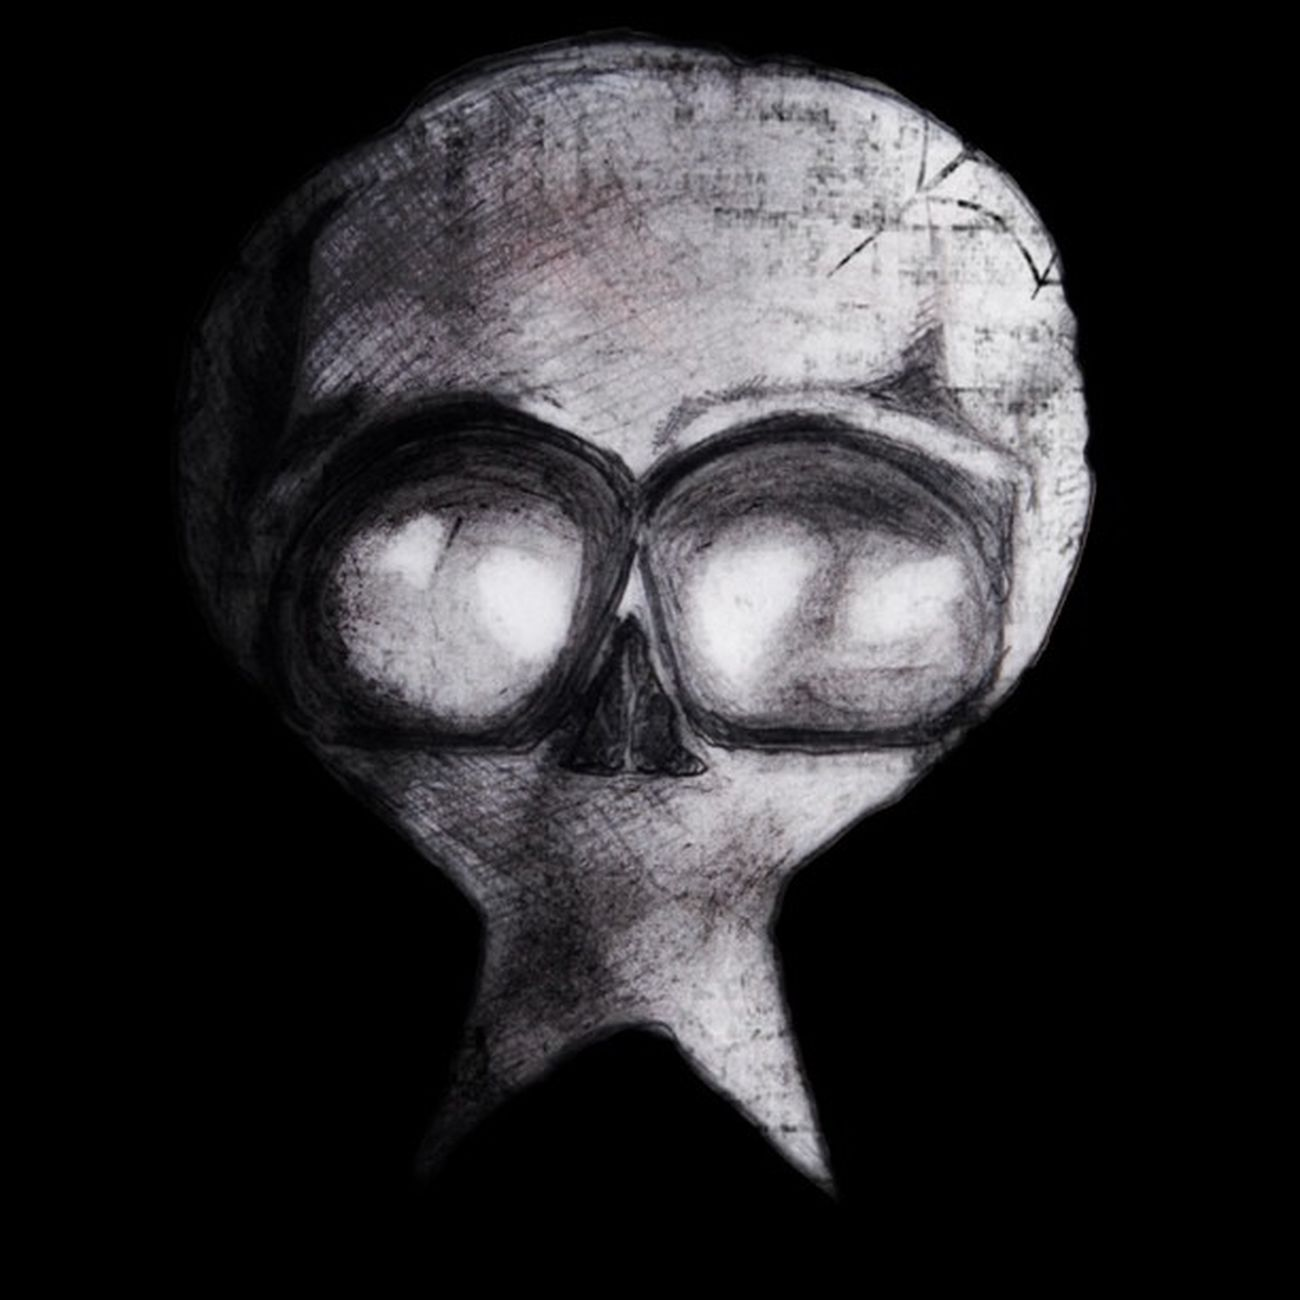 Happy Halloween everyone, may the dead rip tonight! Sequbu Halloween Skull